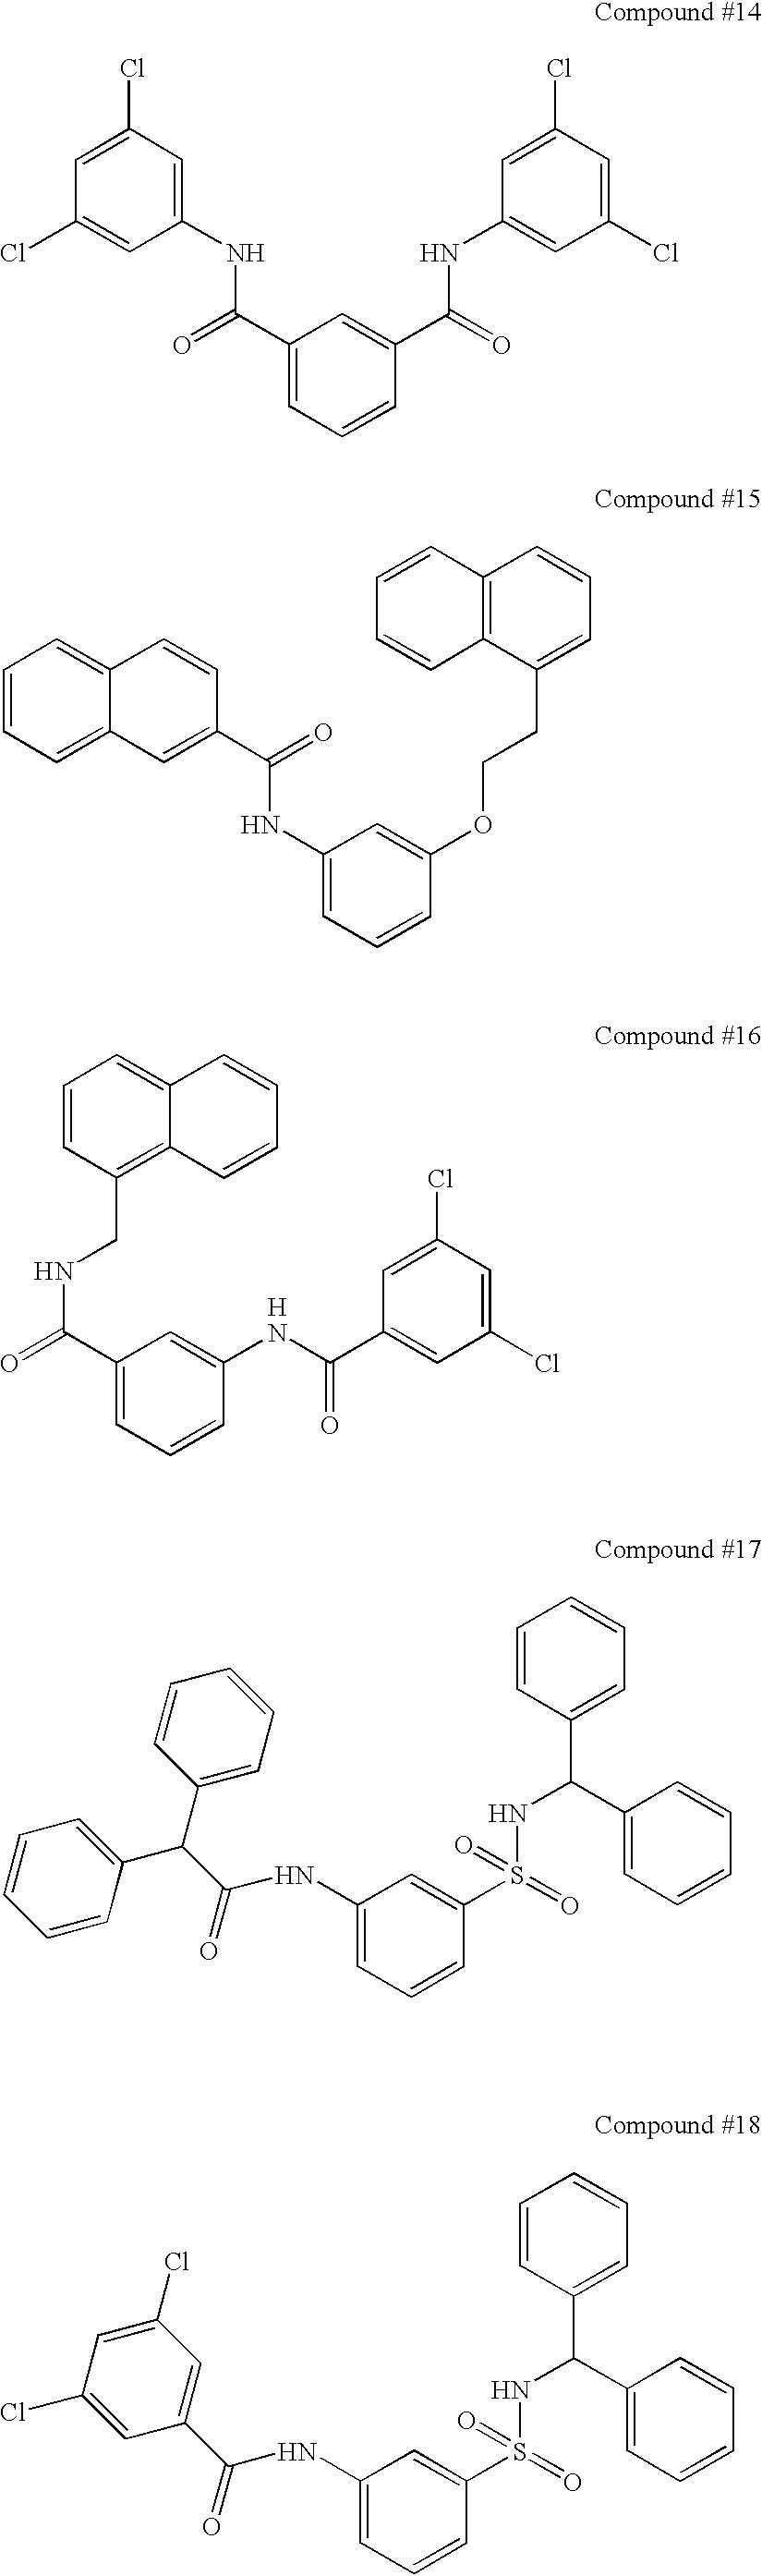 Figure US06593362-20030715-C00005